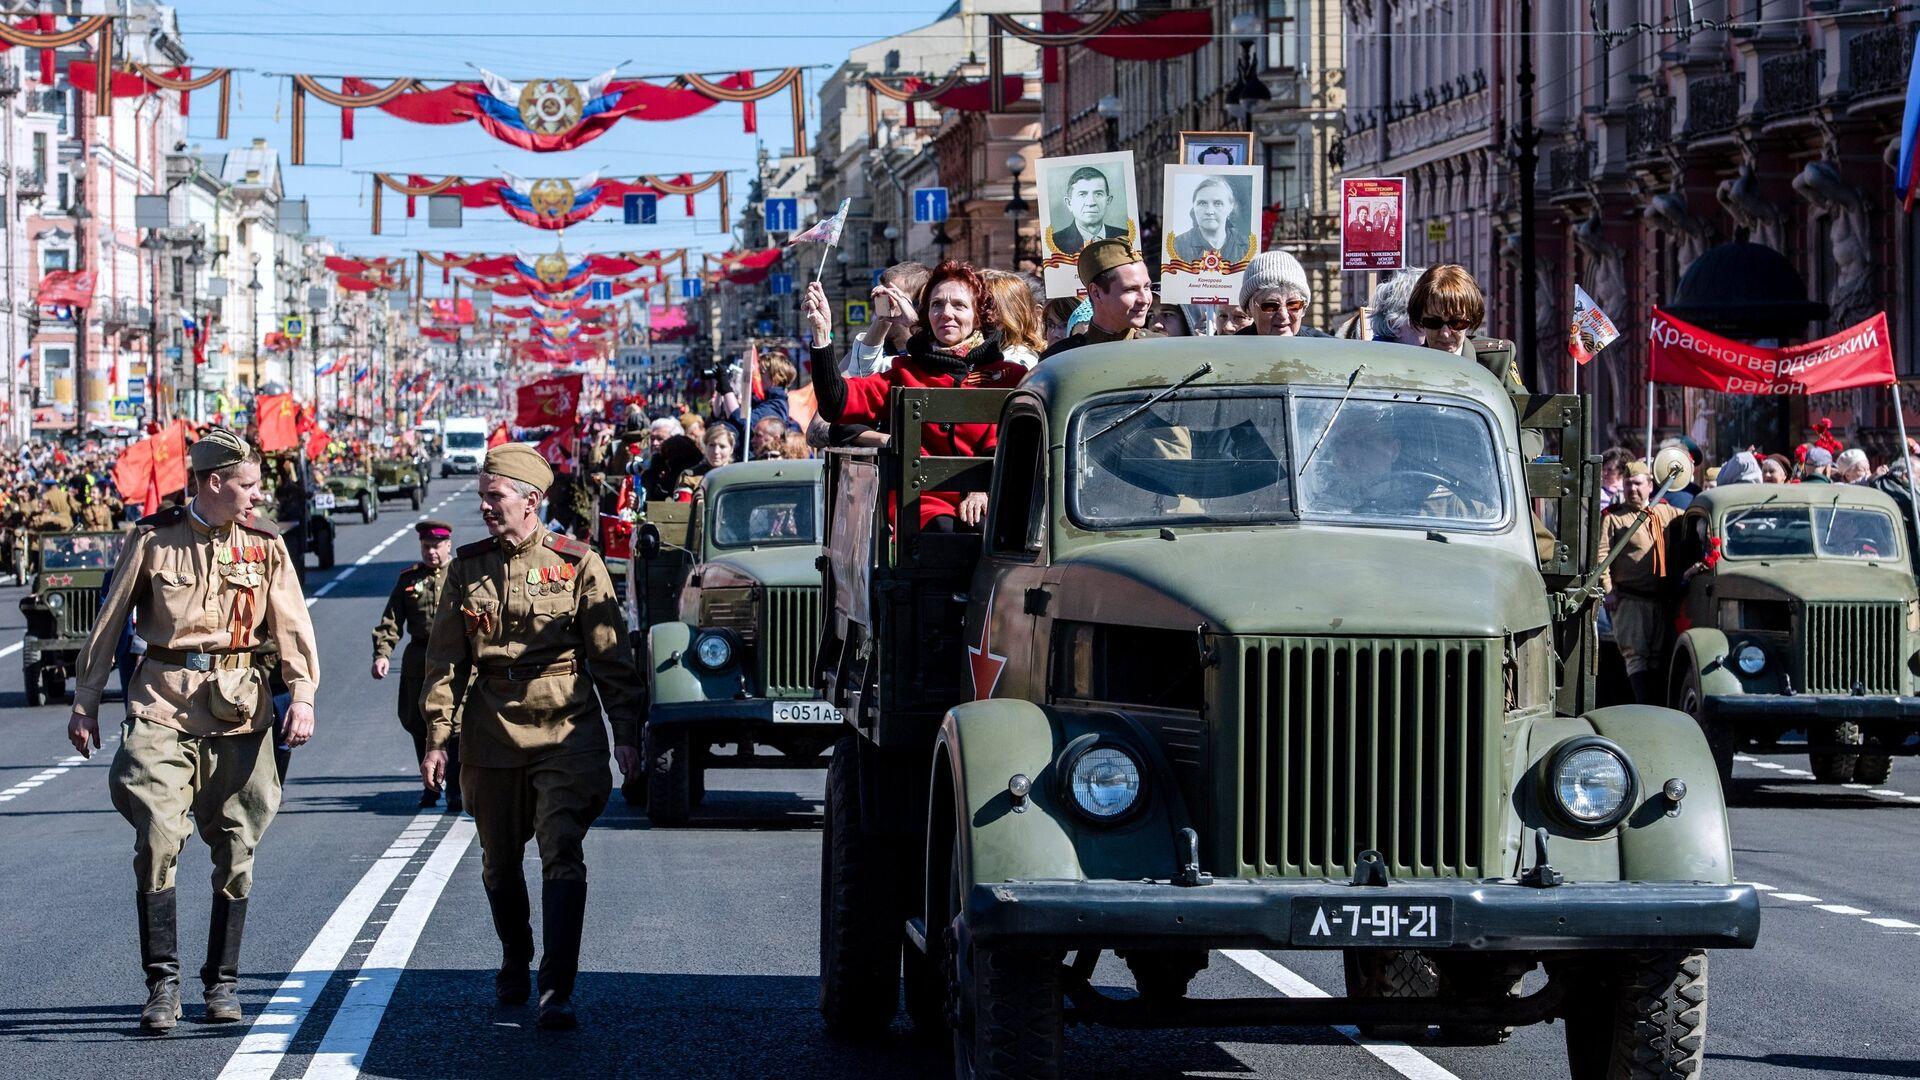 Участники акции Бессмертный полк в Санкт-Петербурге - РИА Новости, 1920, 06.05.2021